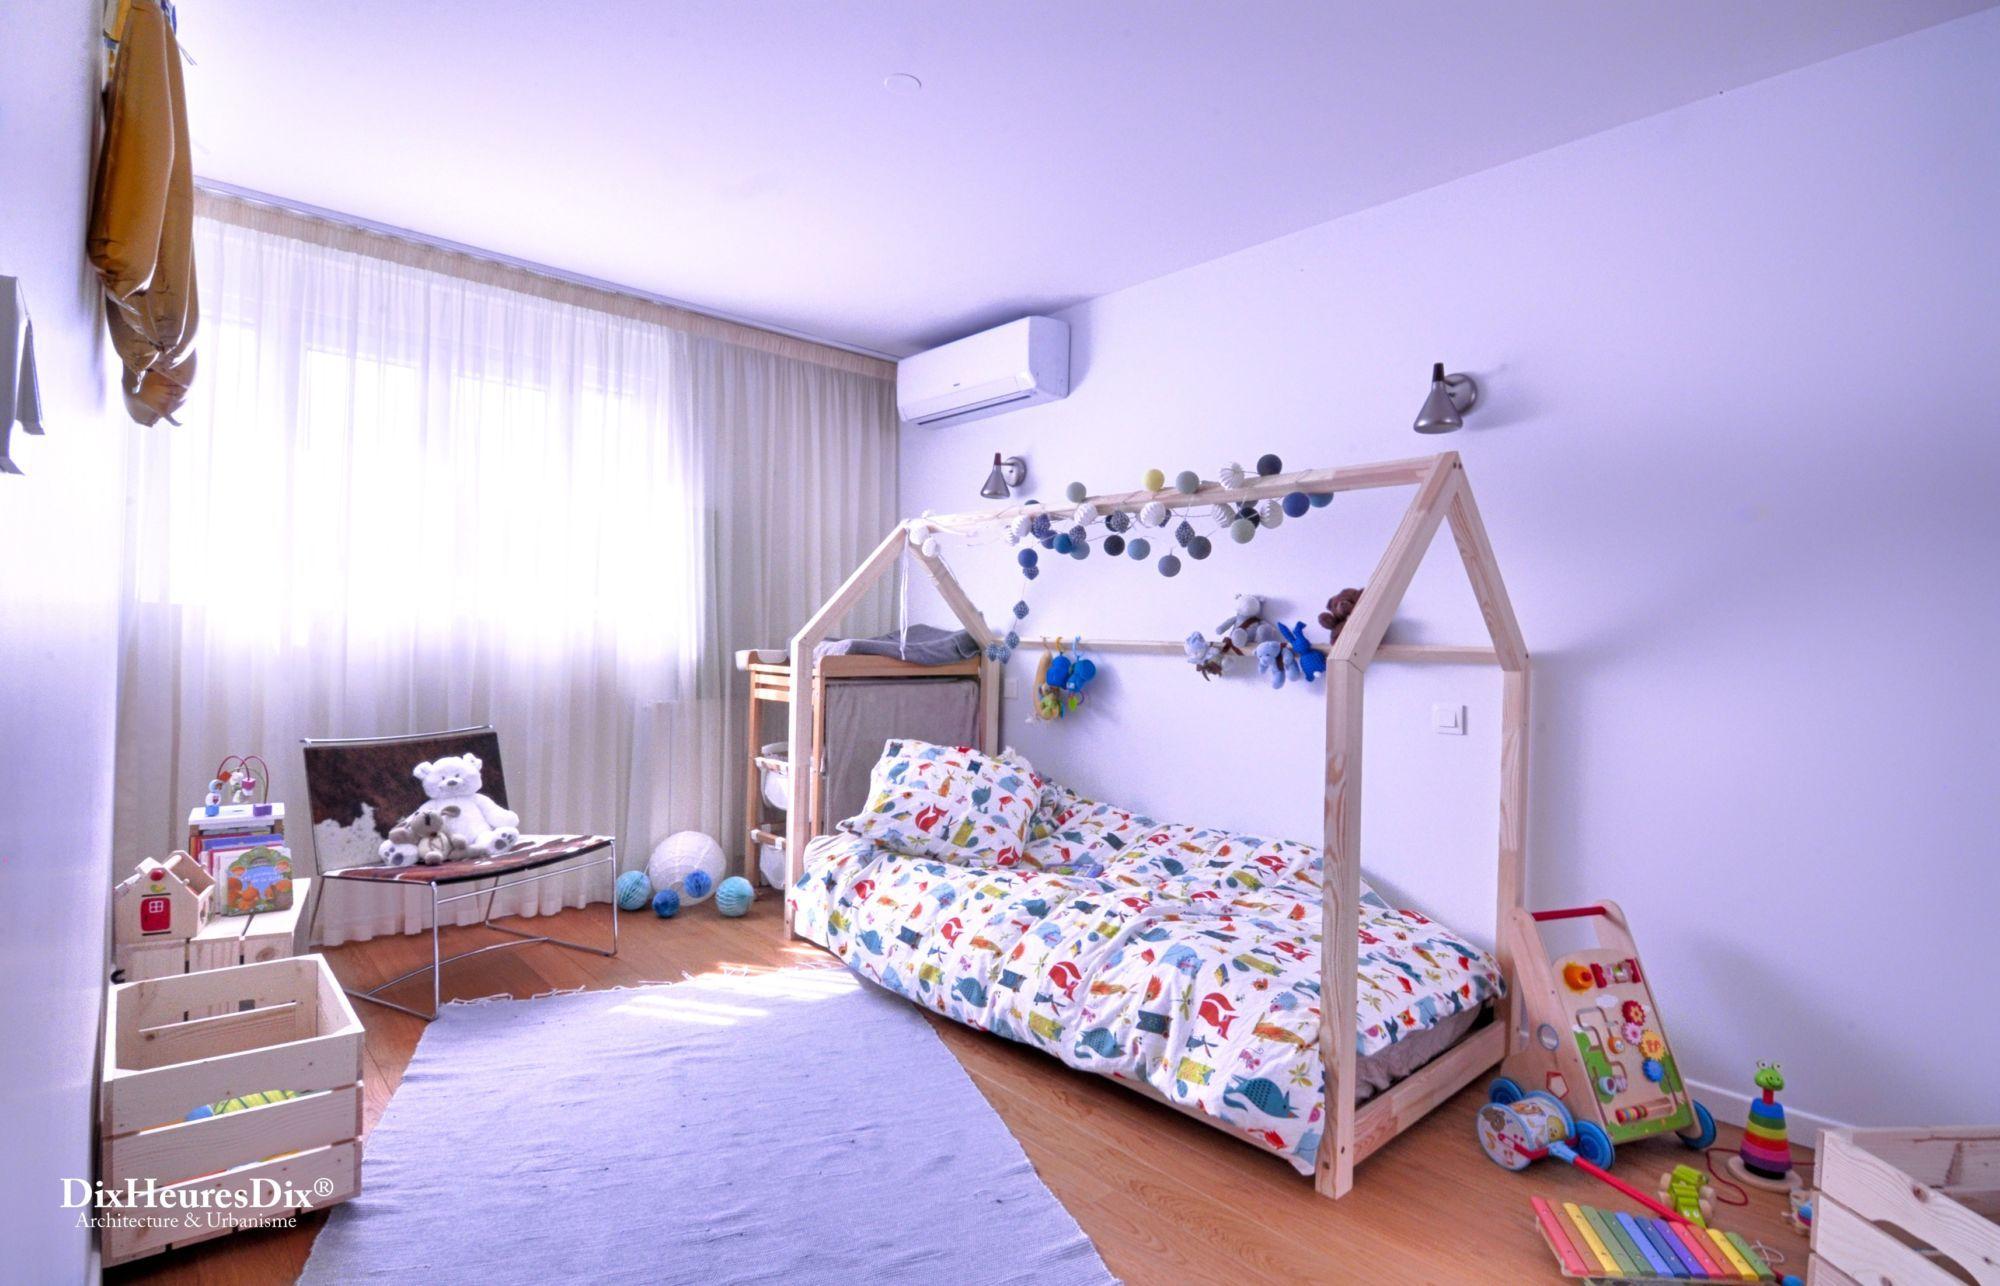 Organisation de la chambre pour enfant avec coin lit et différents jeux